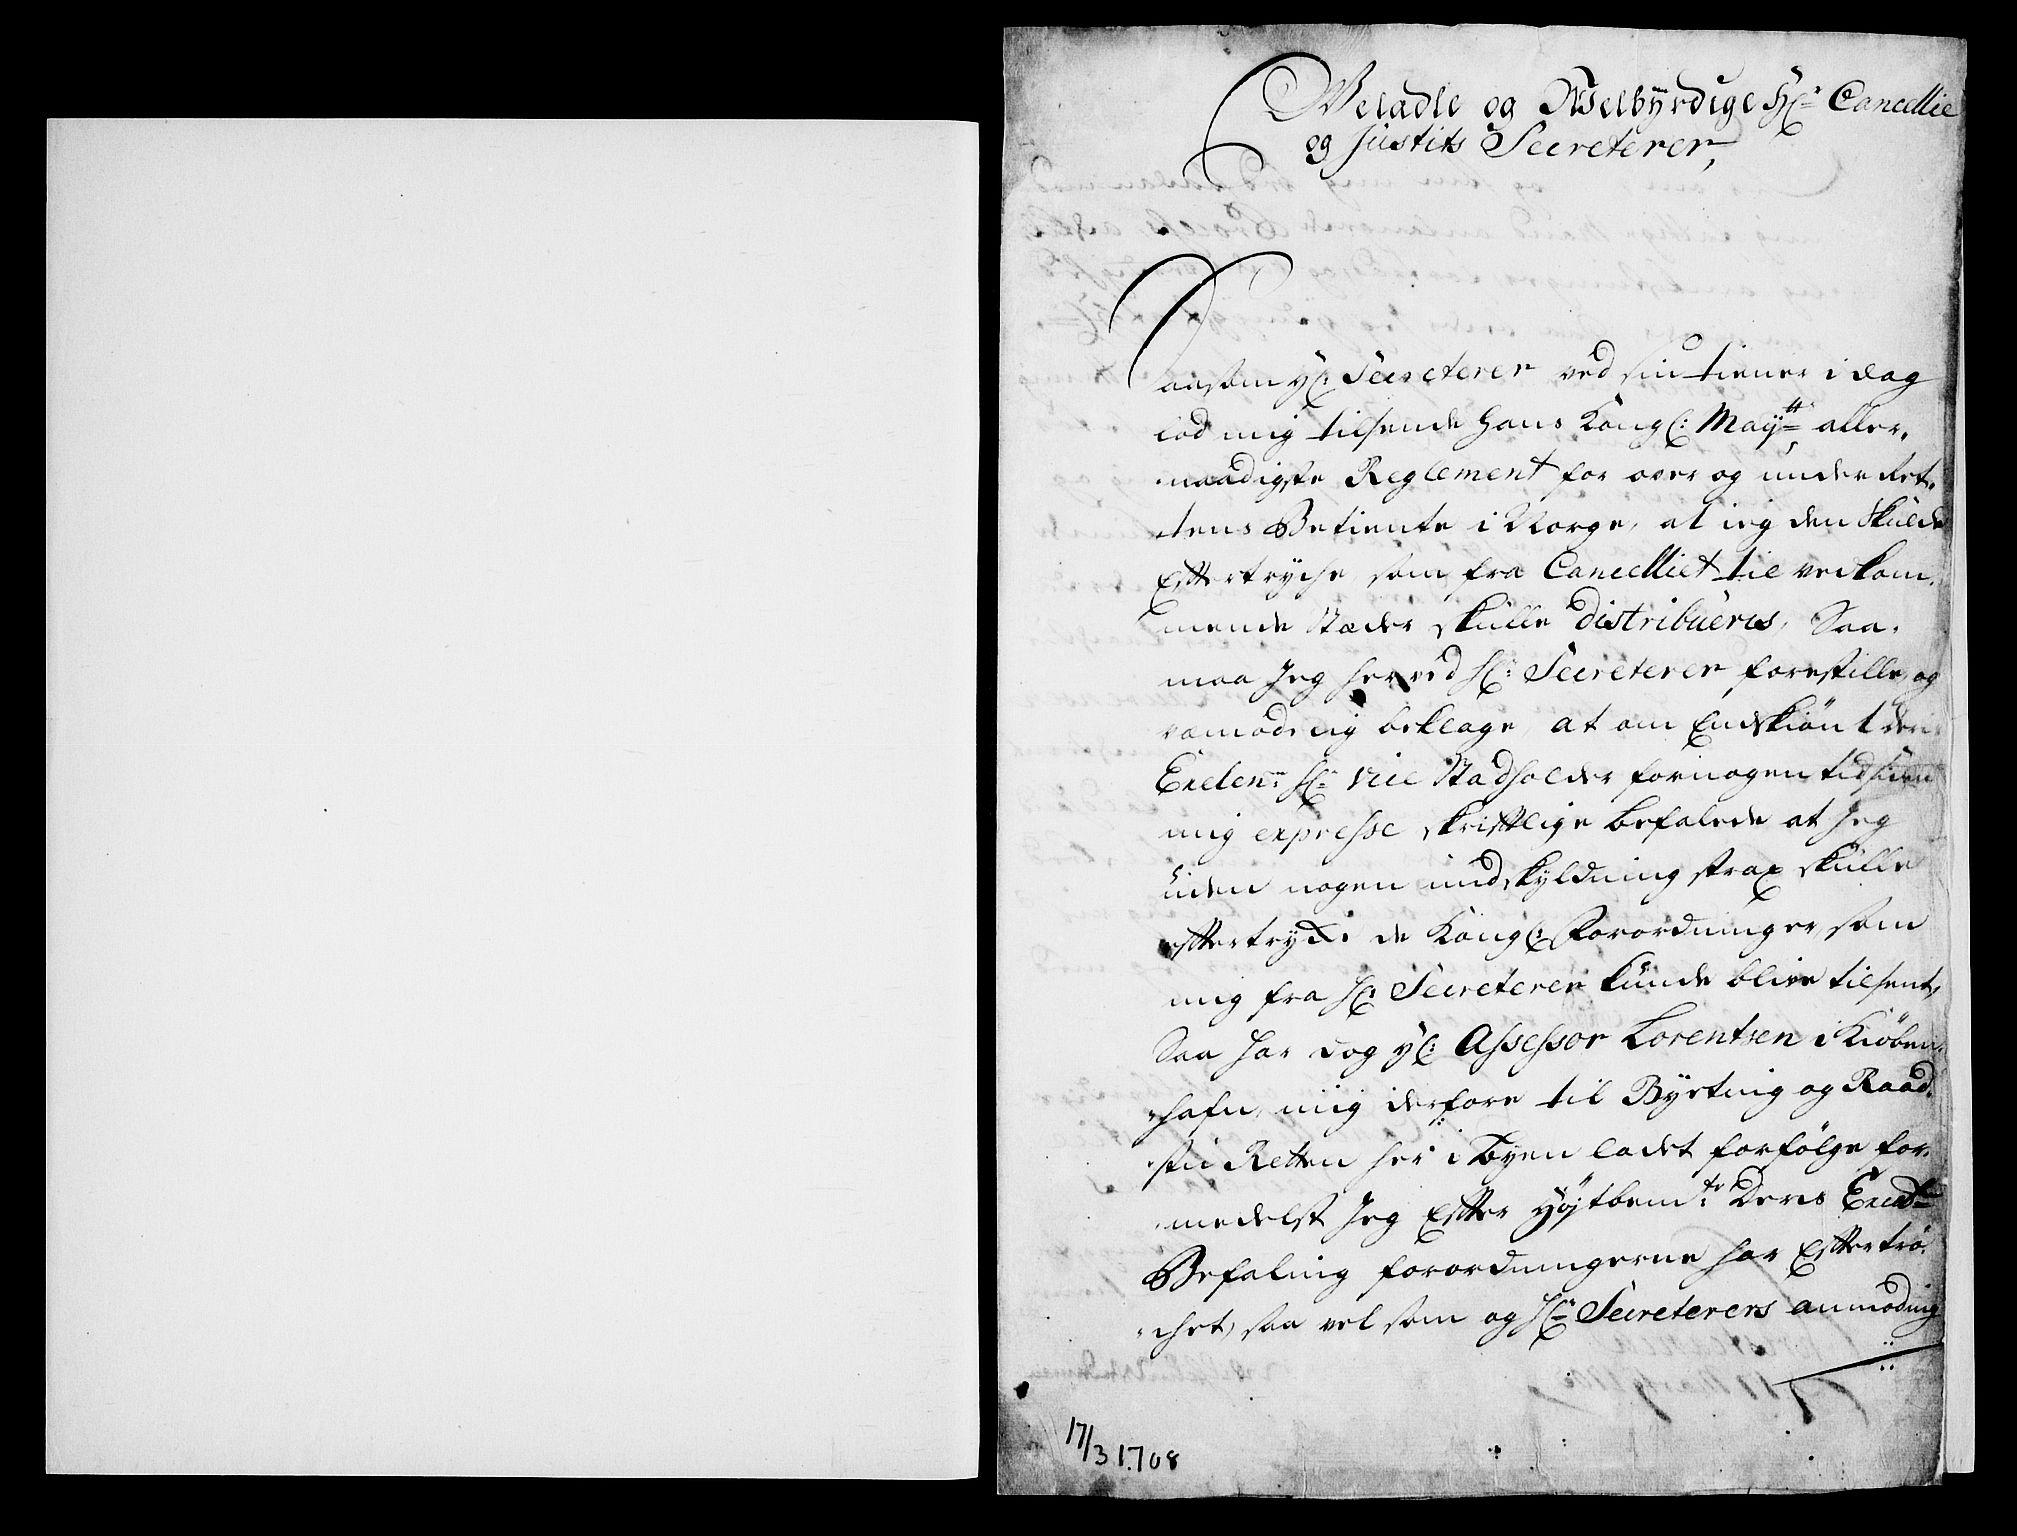 RA, Danske Kanselli, Skapsaker, G/L0019: Tillegg til skapsakene, 1616-1753, p. 351